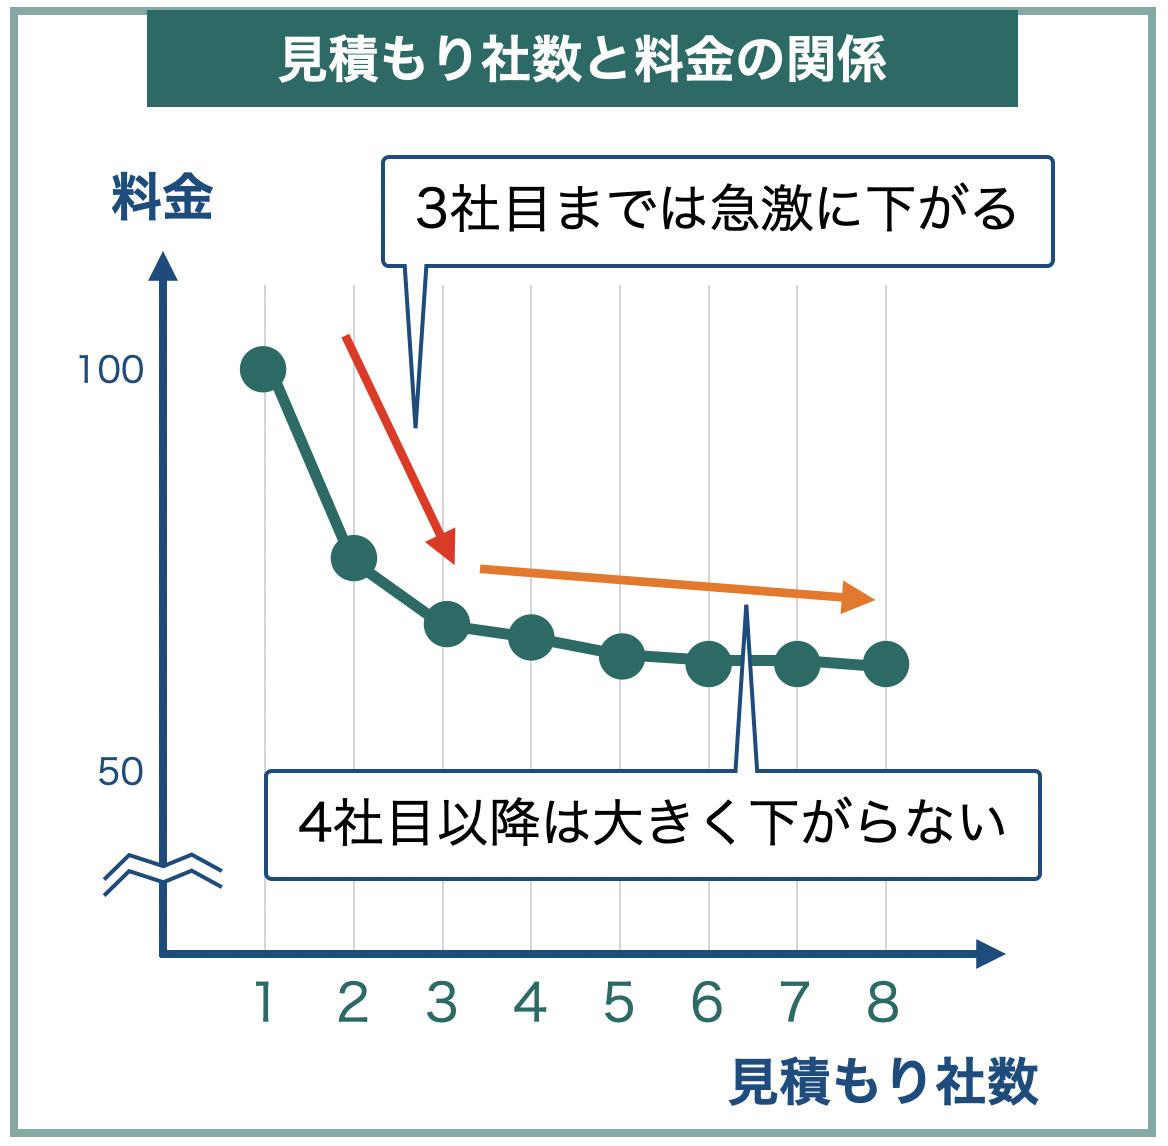 見積もり社数と料金の相関図